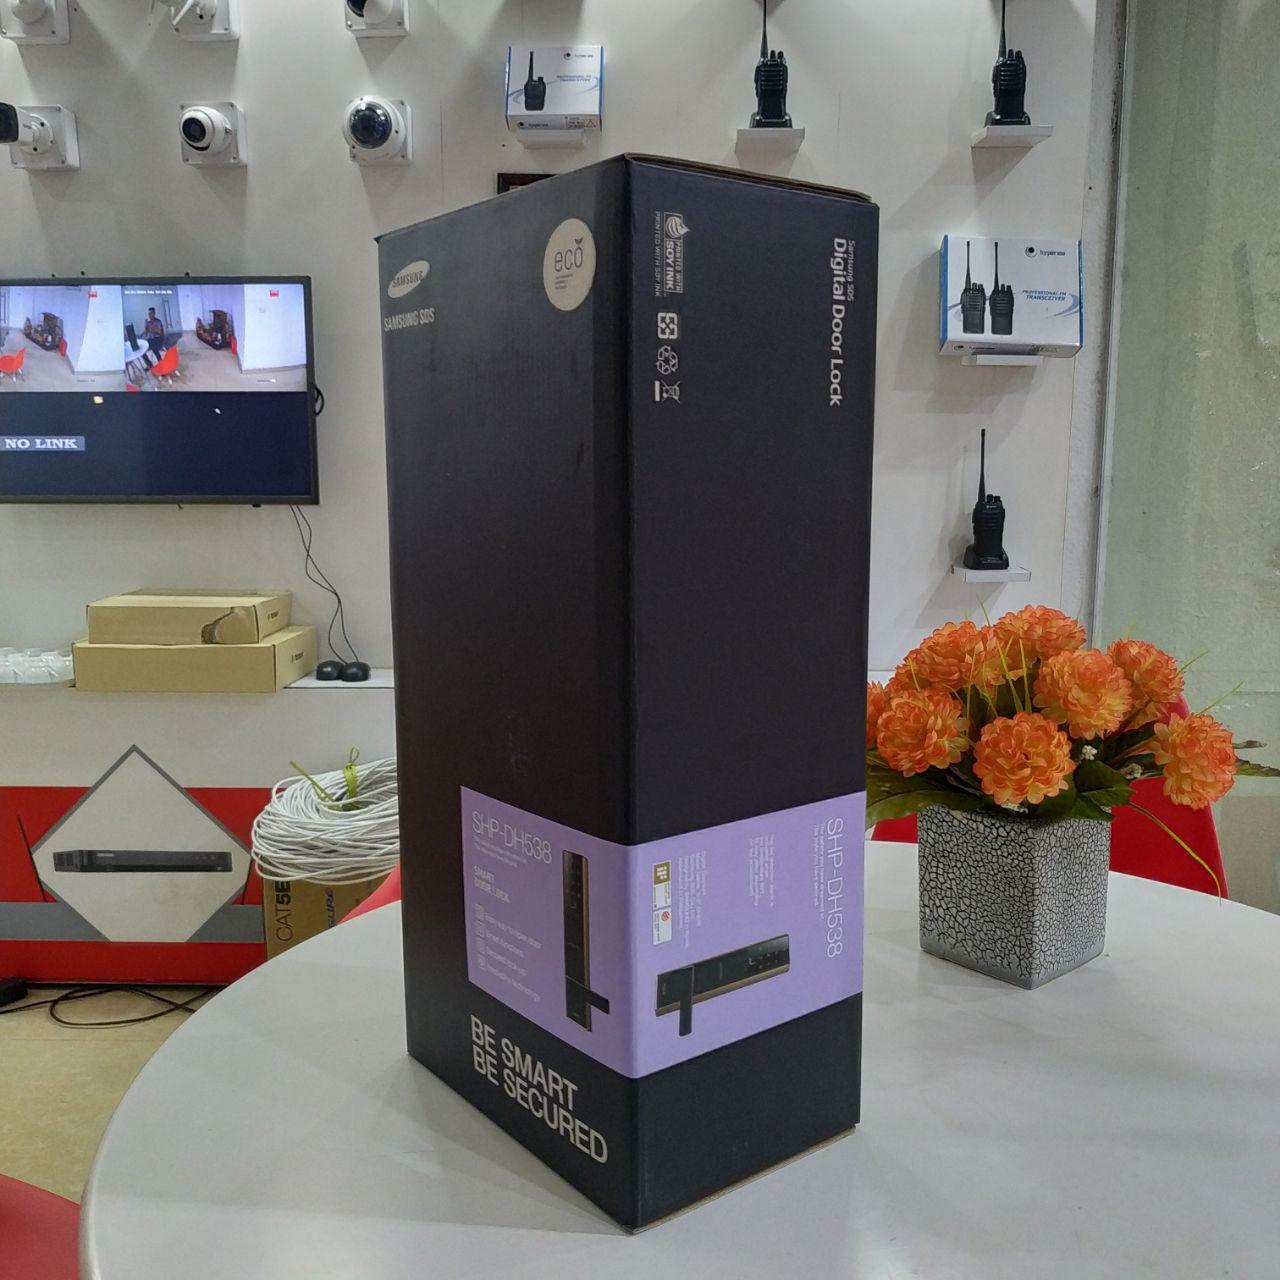 Ảnh Thực Tế Khóa Samsung SHP-538